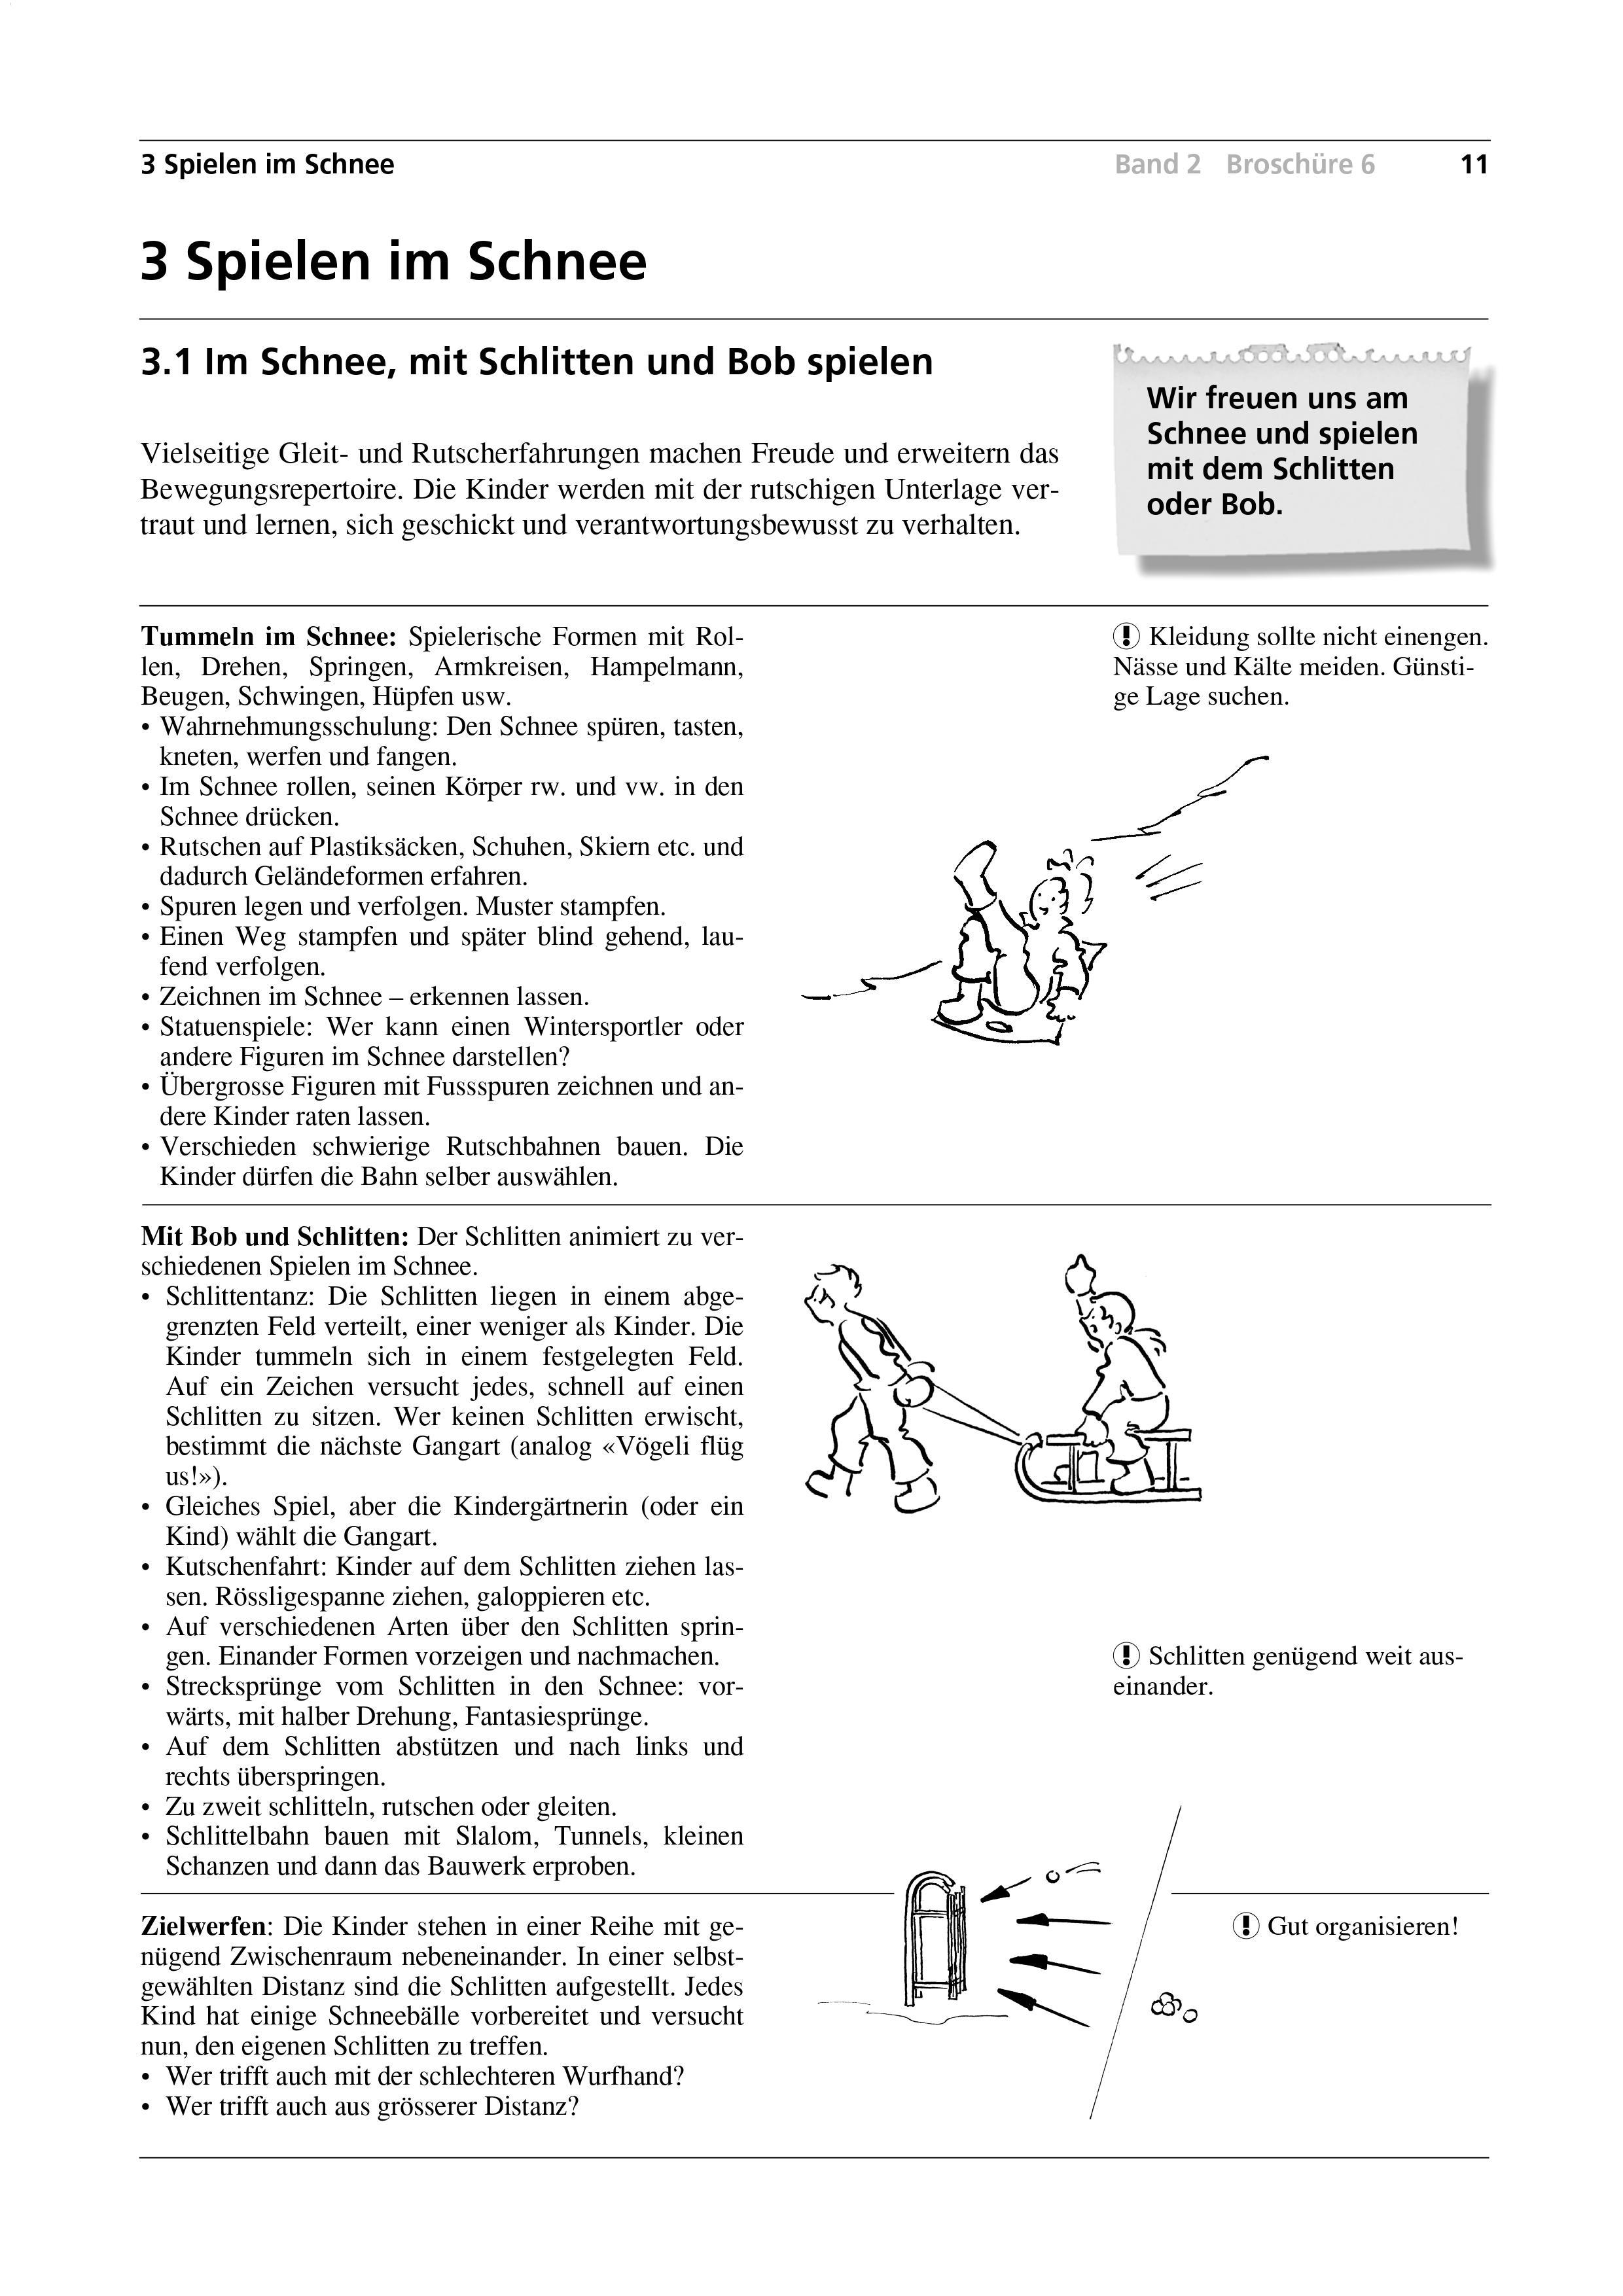 Preview image for LOM object Im Schnee, mit Schlitten und Bob spielen